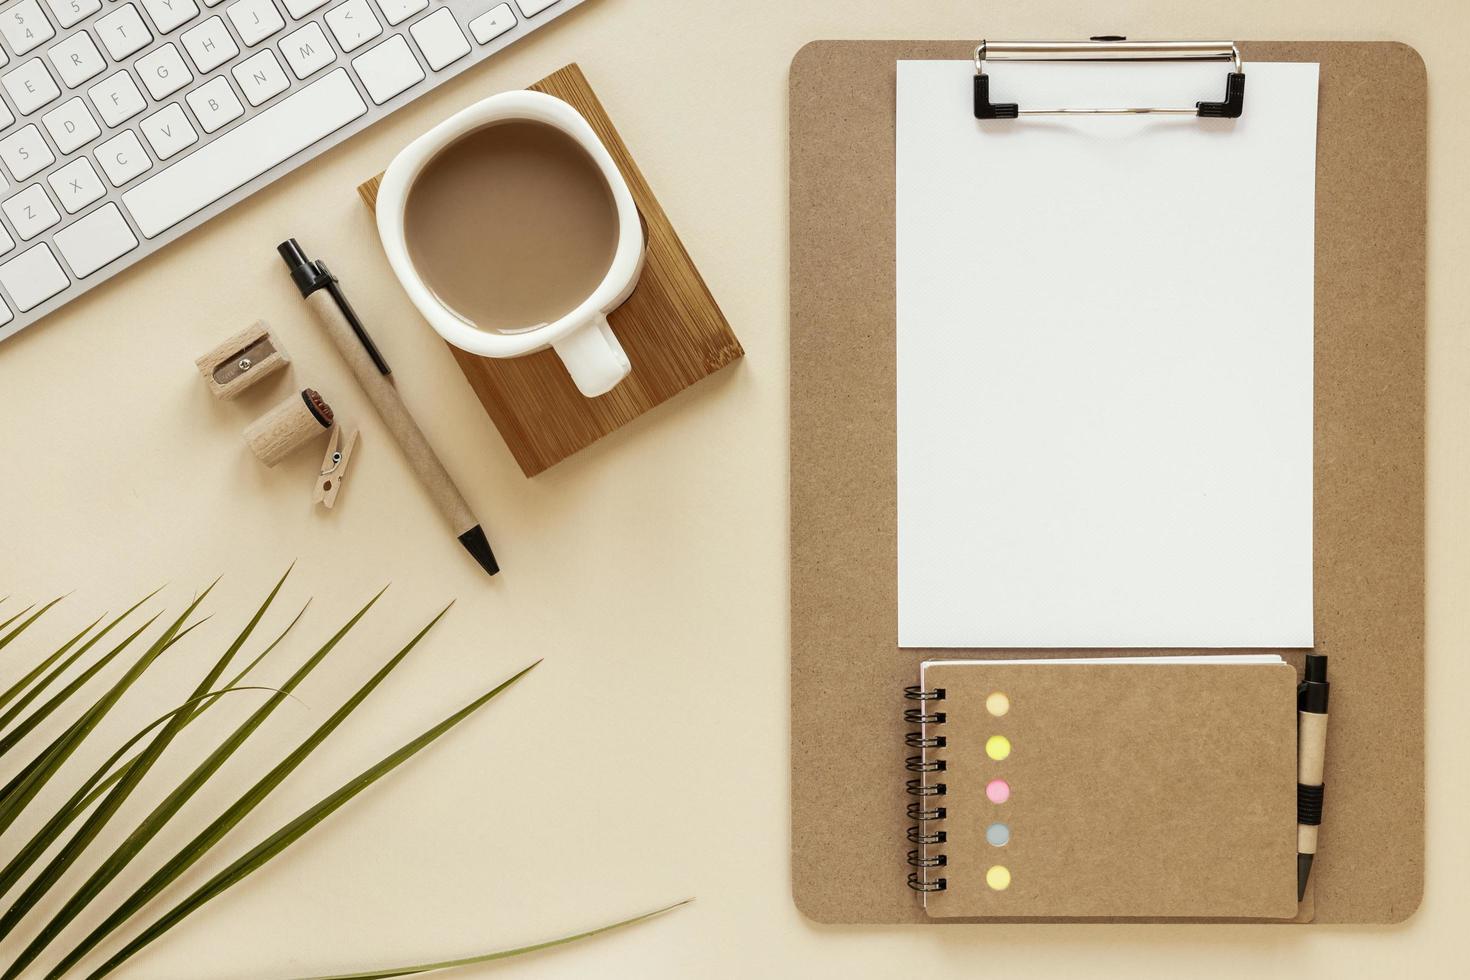 Zwischenablage mit Kopierraum auf dem Schreibtisch foto